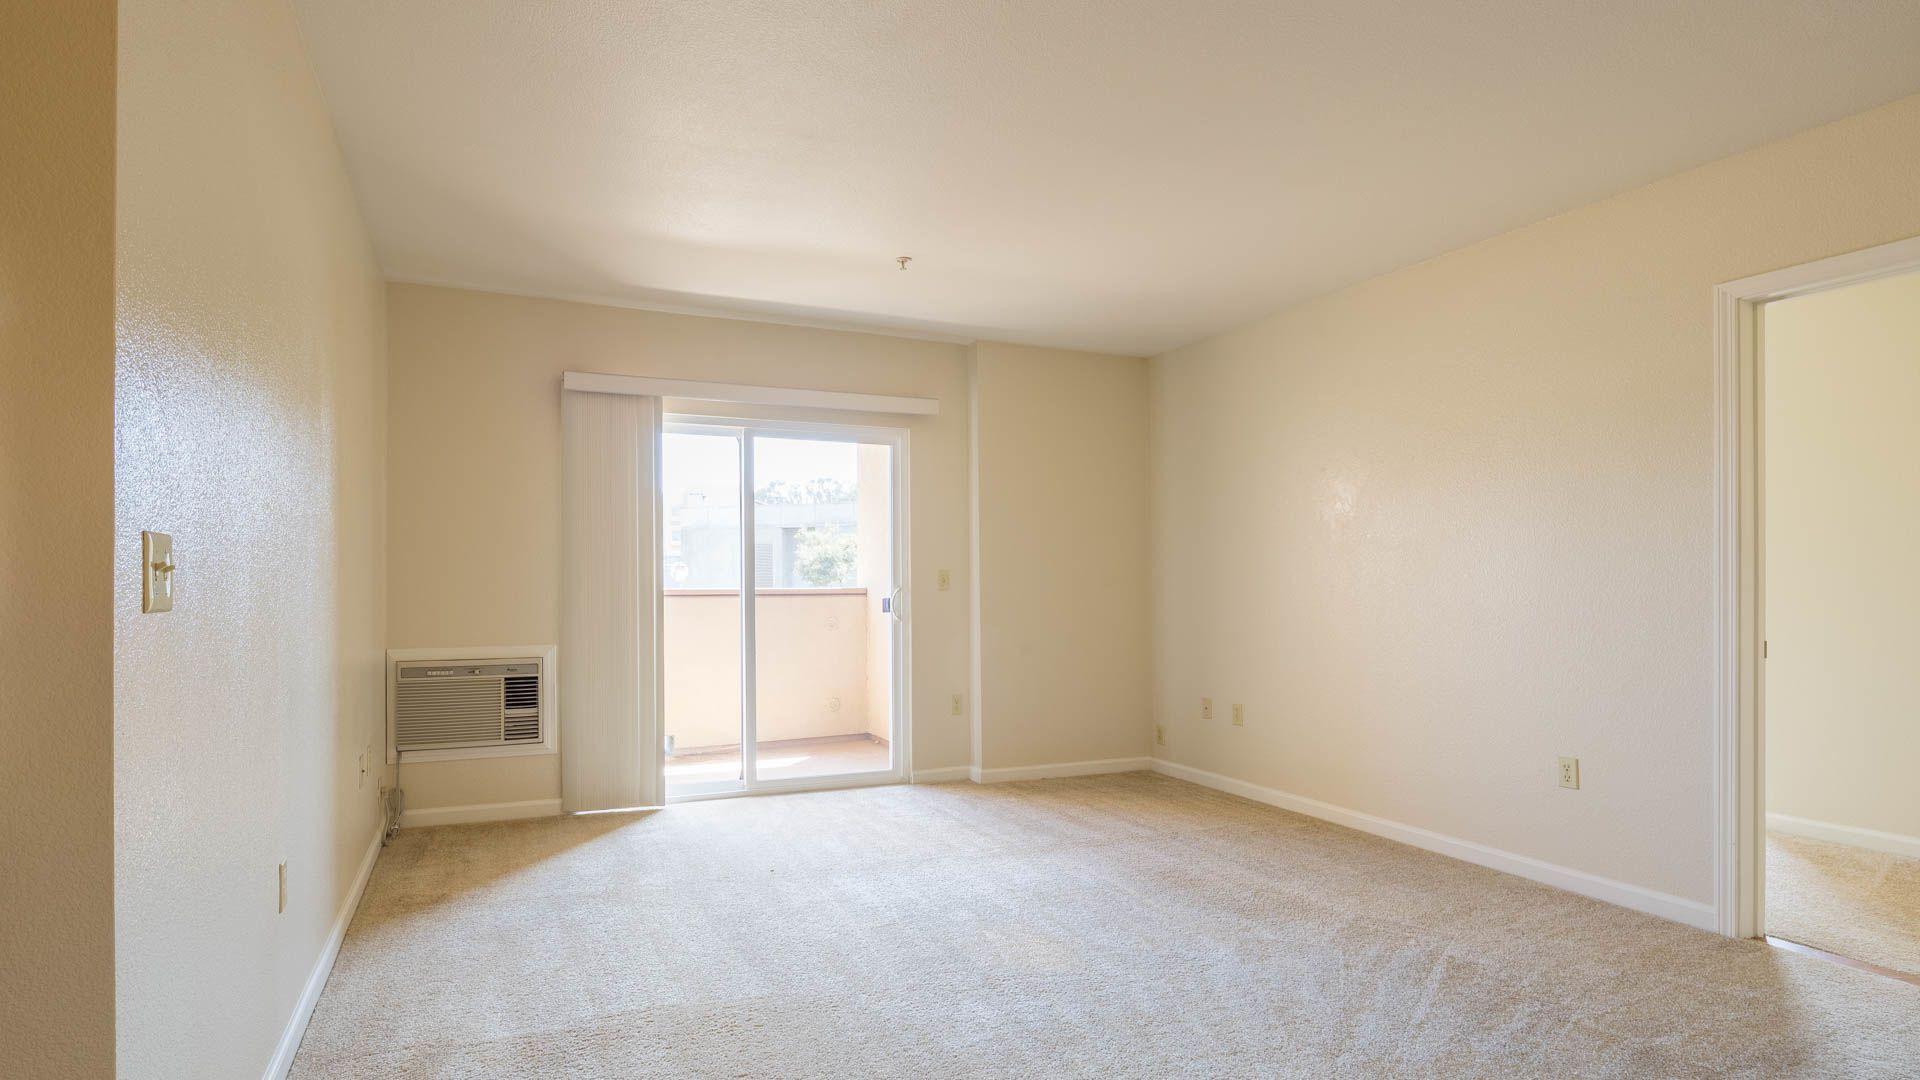 La Terrazza Apartments - Bedroom